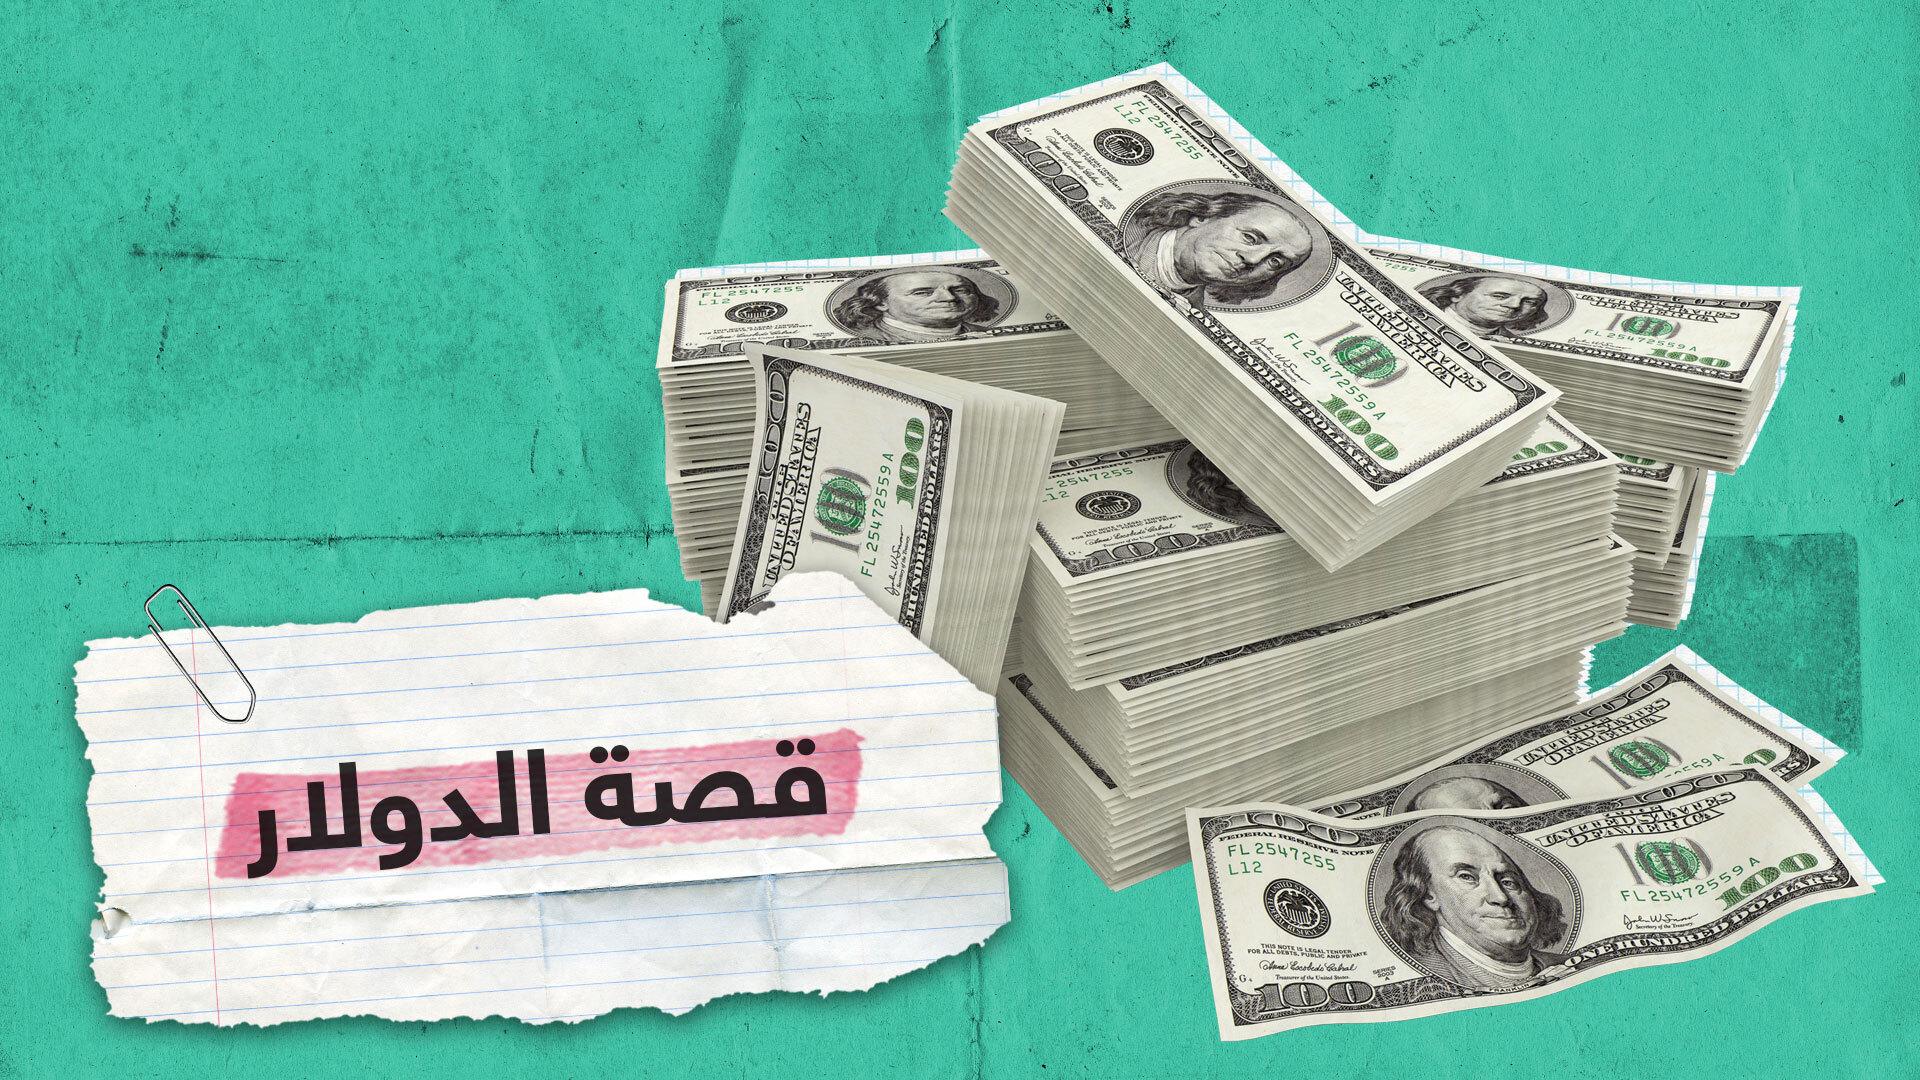 هل تساءلت عن سبب ارتباط سعر صرف عملات العالم بالدولار الأمريكي؟ إليك الجواب